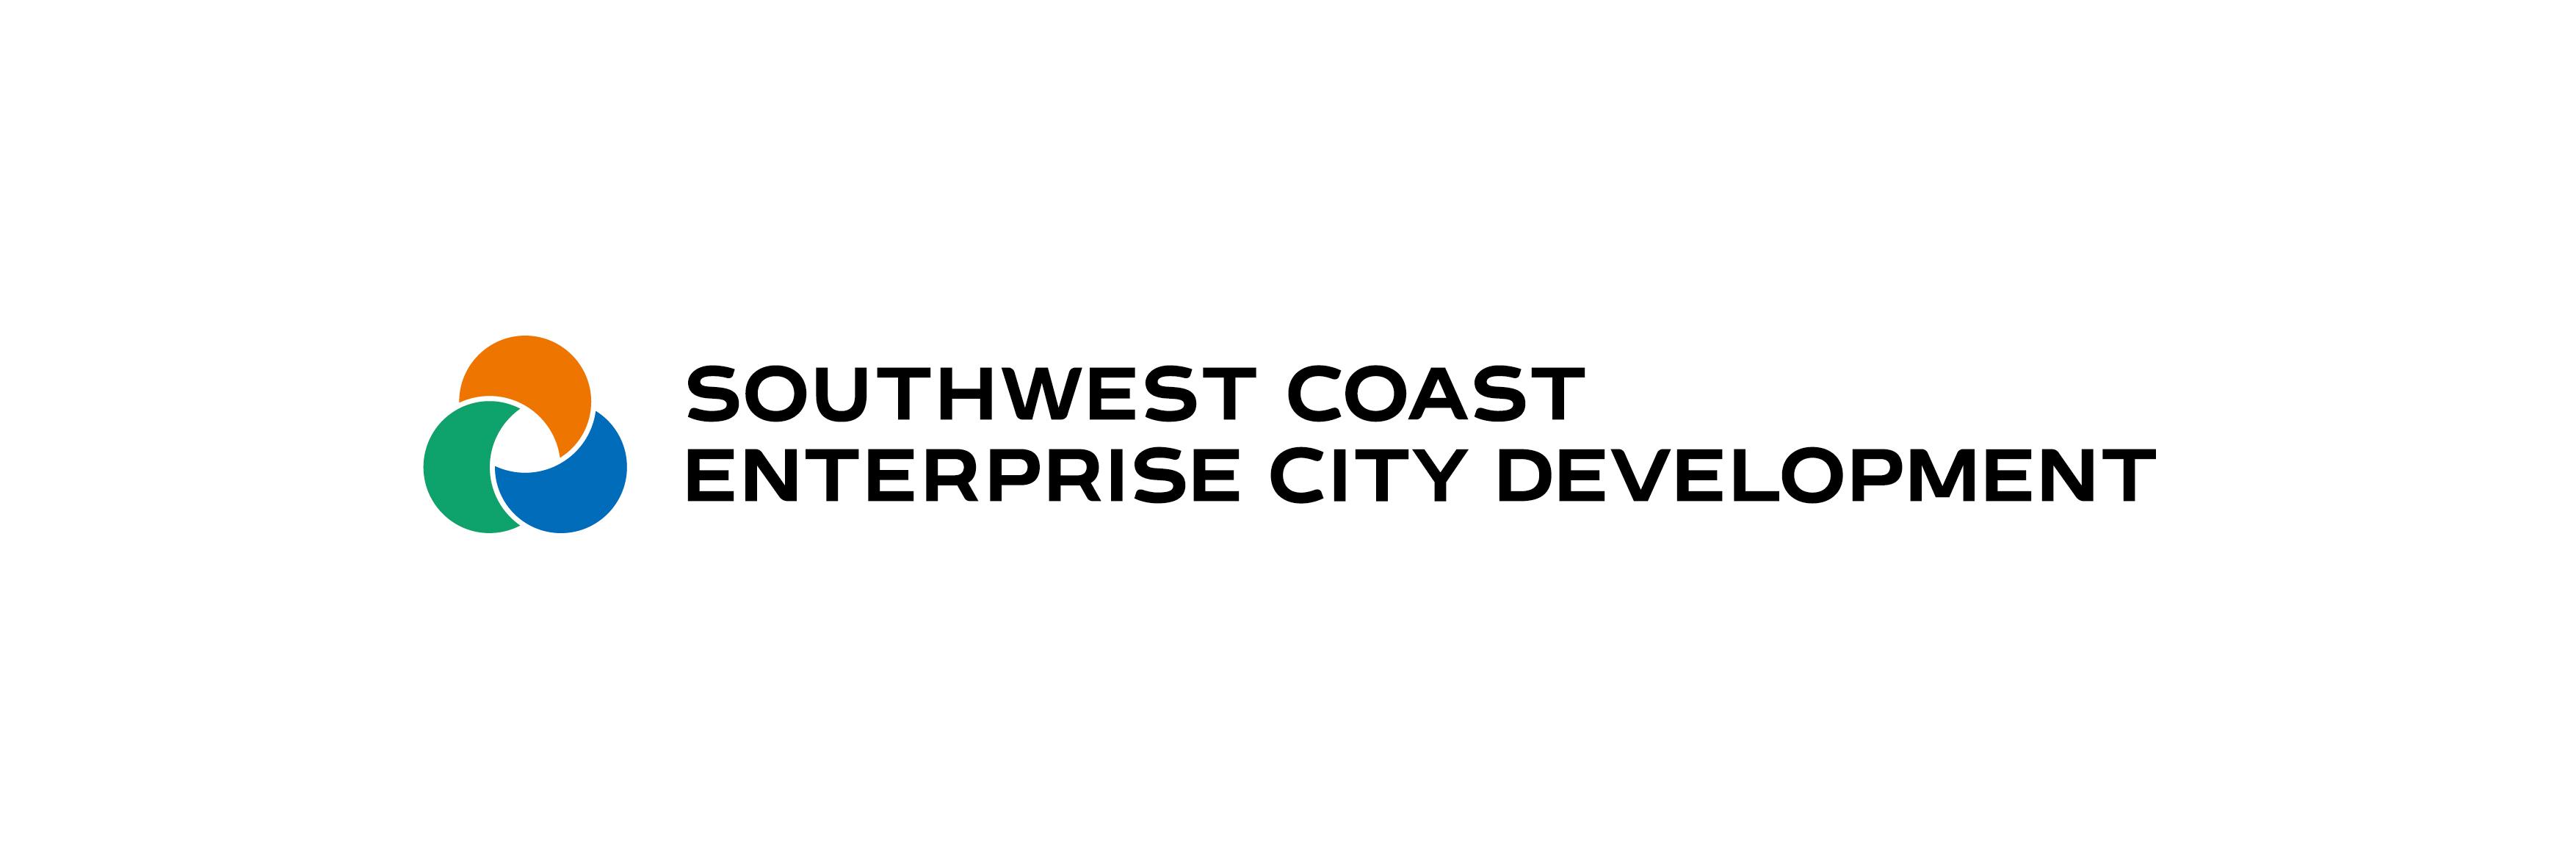 로하스리빙의 계열사 서남해안기업도시개발(주)의 로고